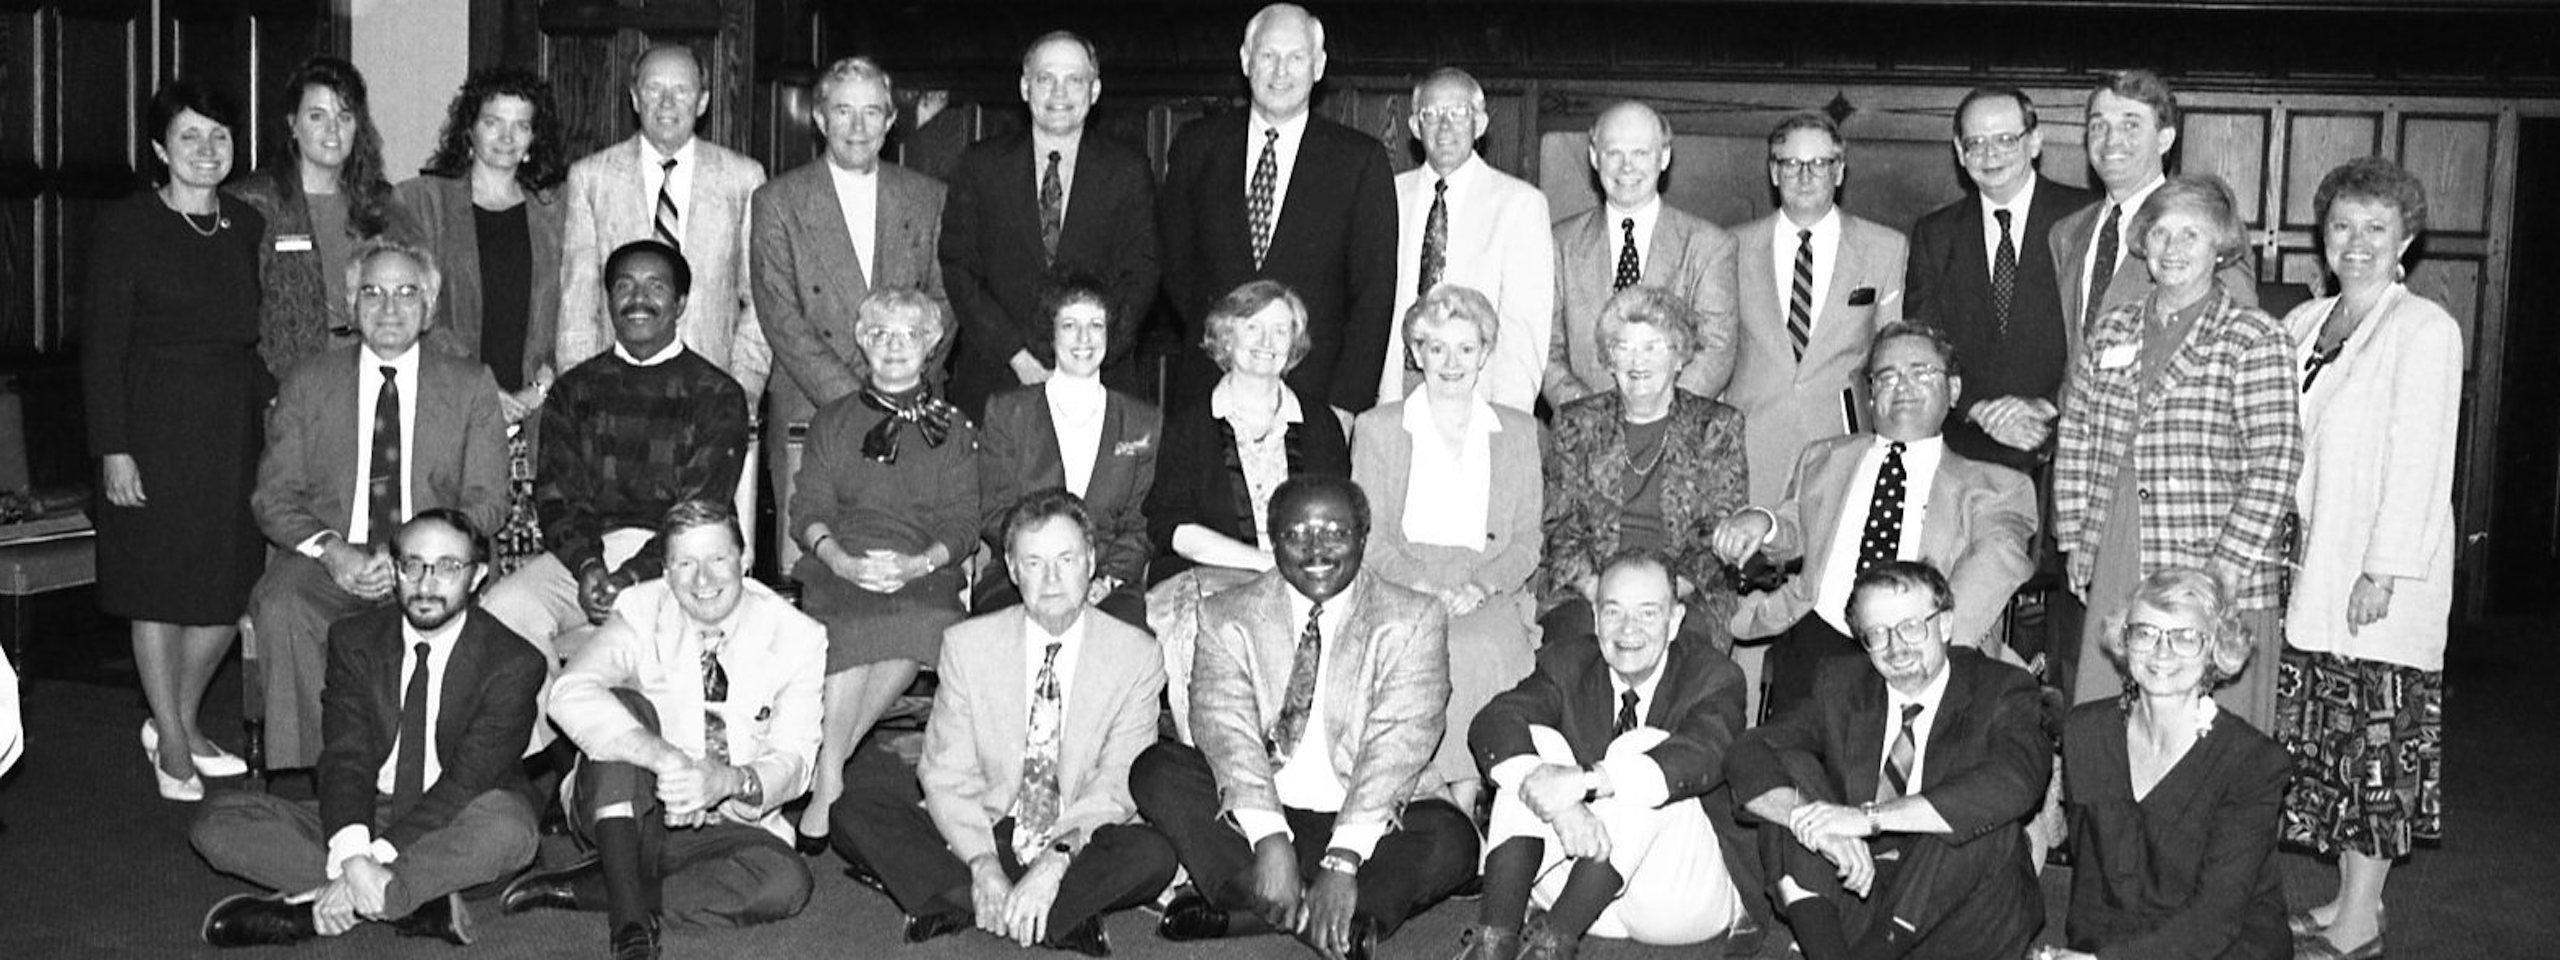 100th Anniversary Committee